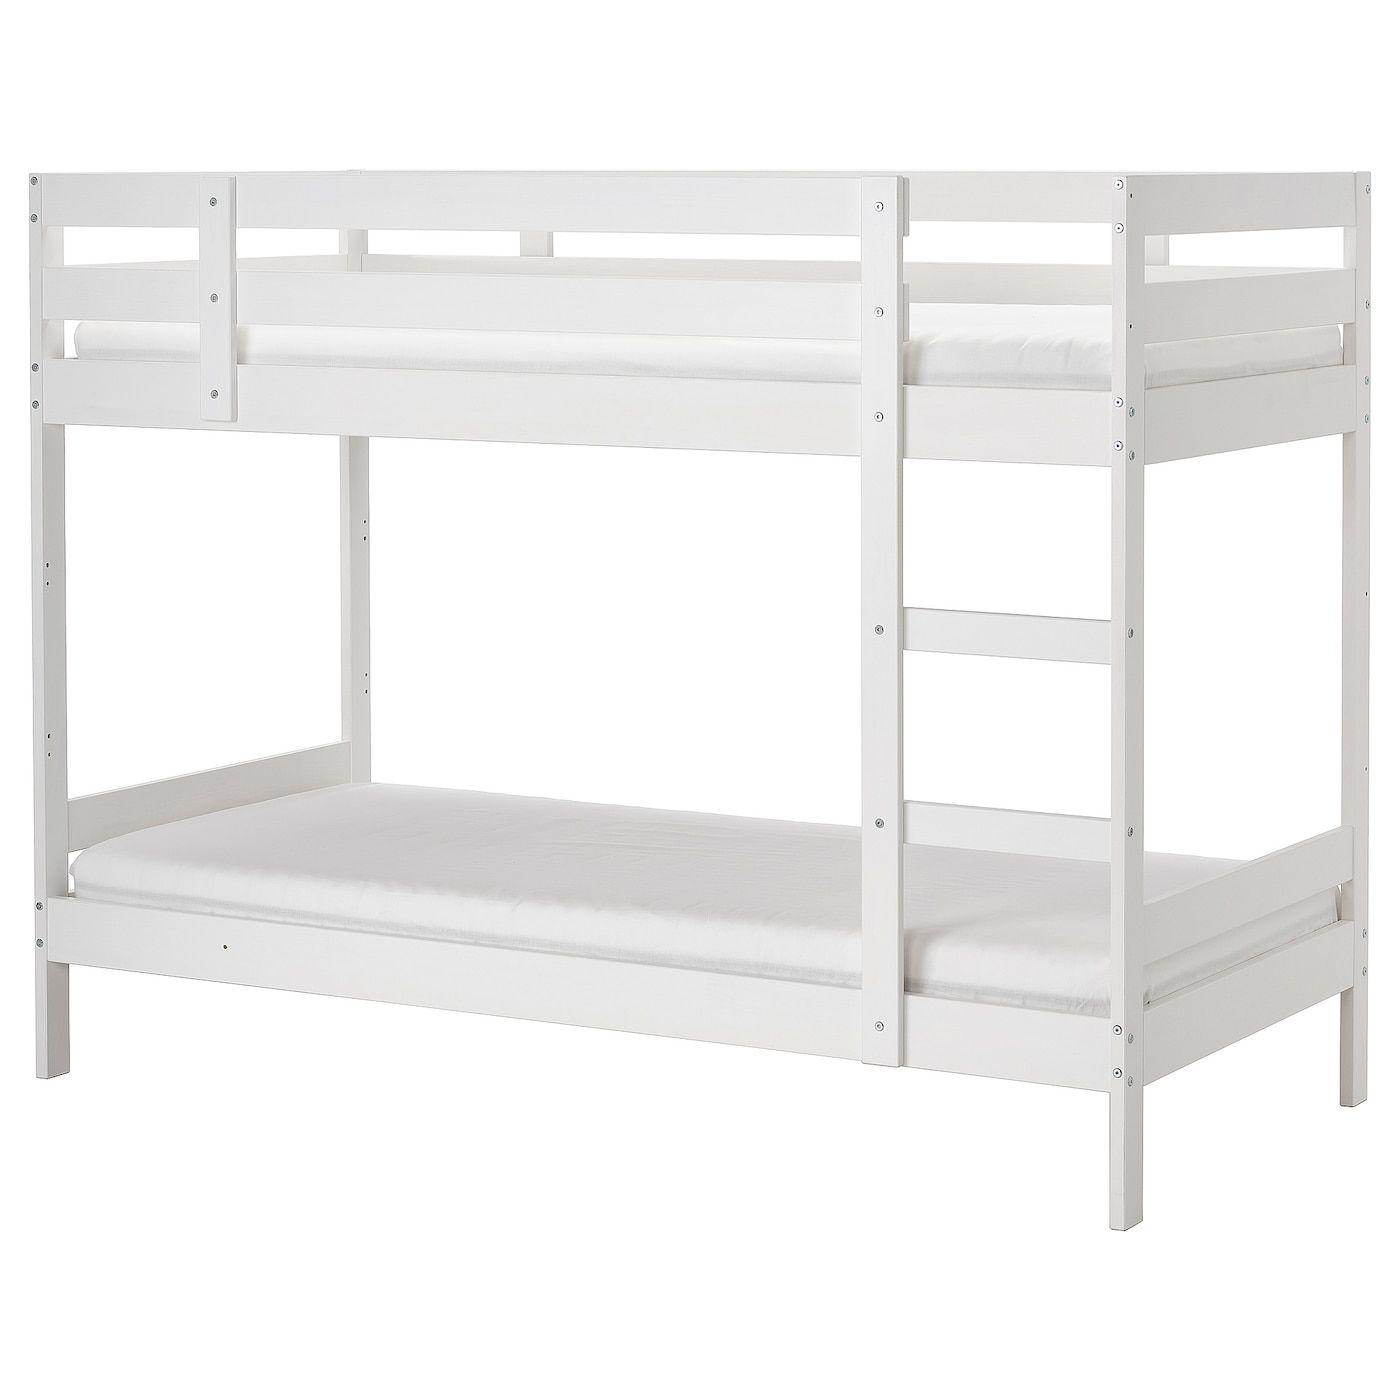 Https Www Ikea Com No No P Mydal Koyeseng Hvit 20467629 Ikea Loft Bed Frame White Bunk Beds Bunk Beds